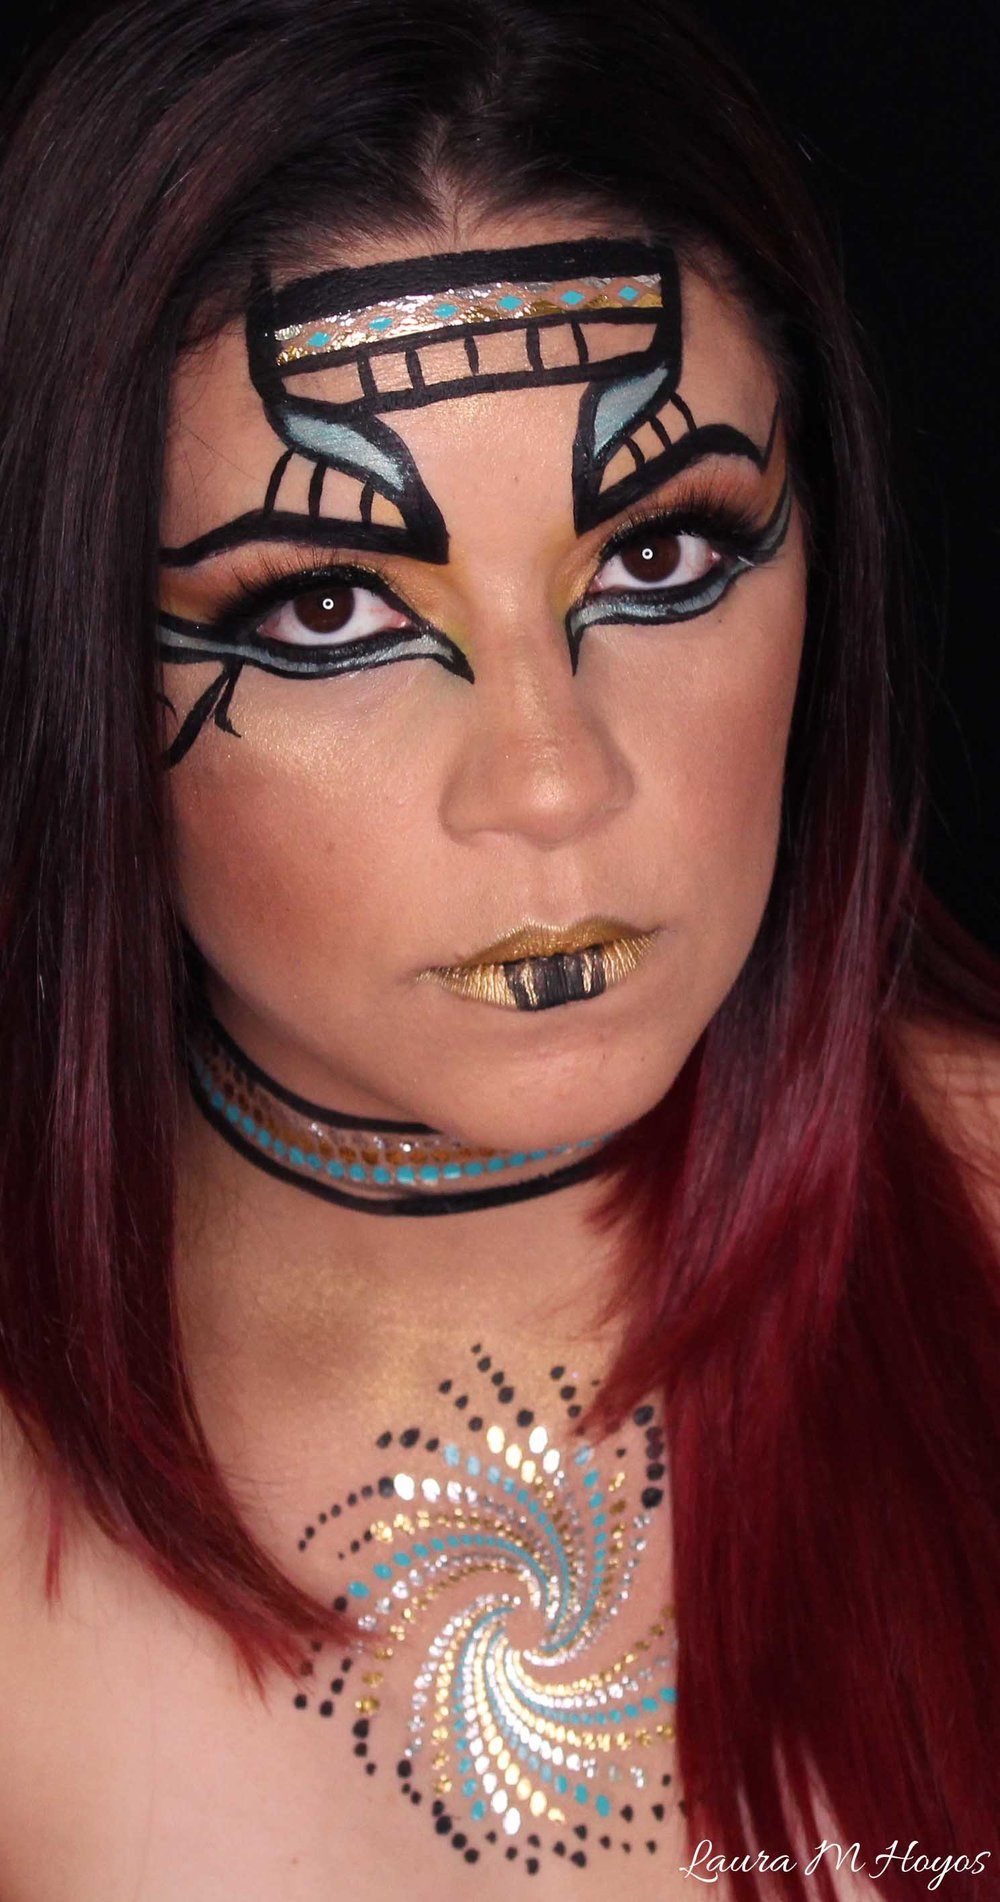 Cleopatraday6small3.jpg